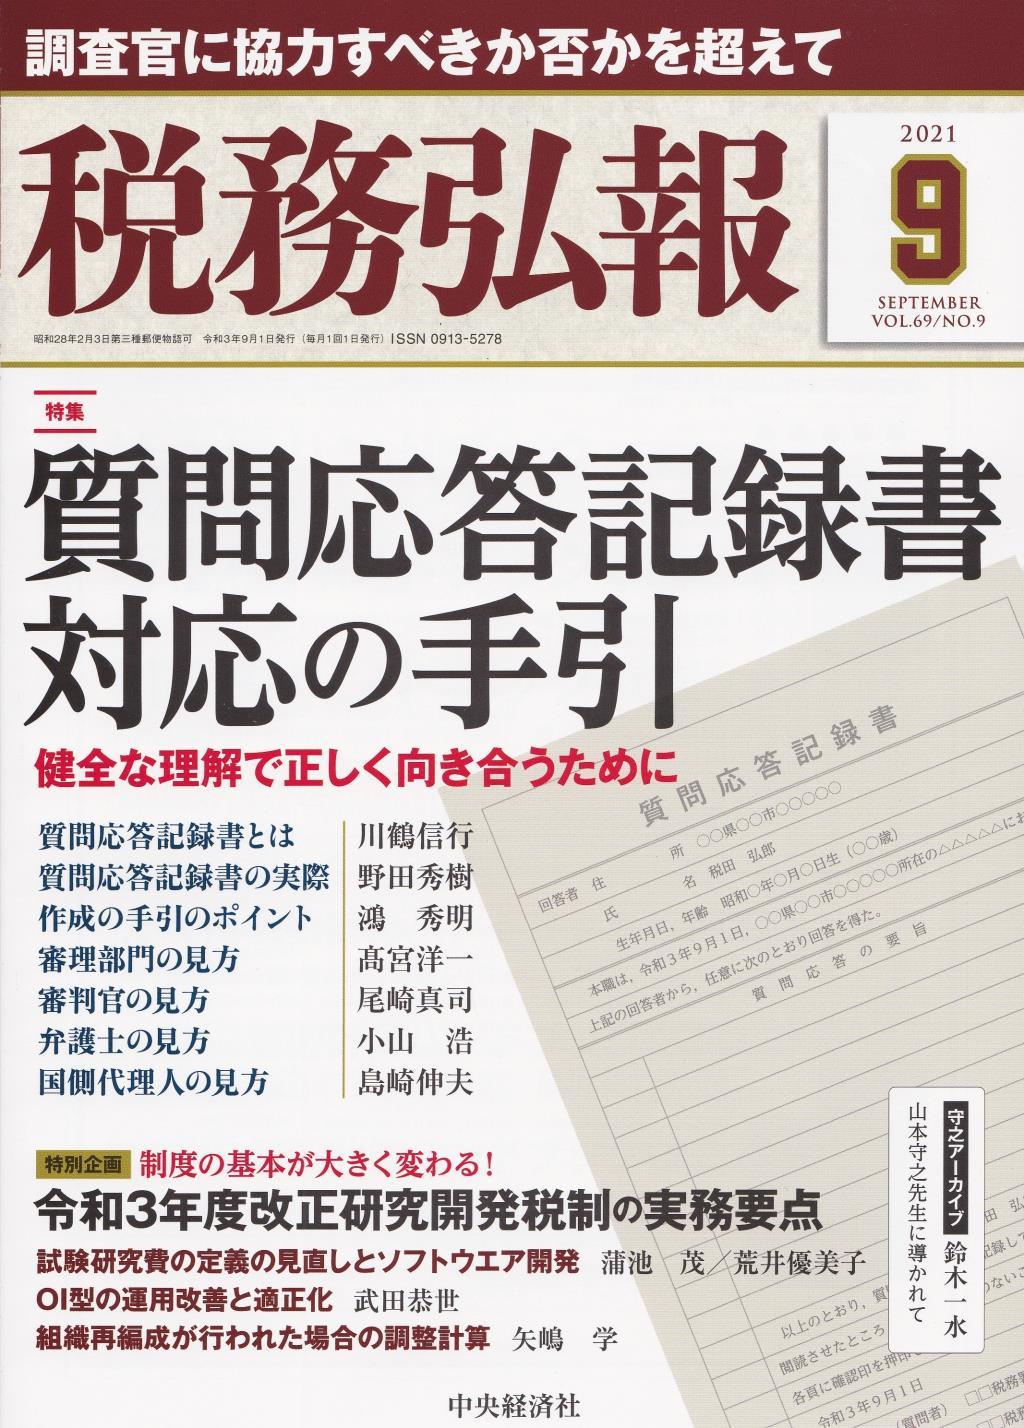 税務弘報 VOL.69/No.9/2021.9